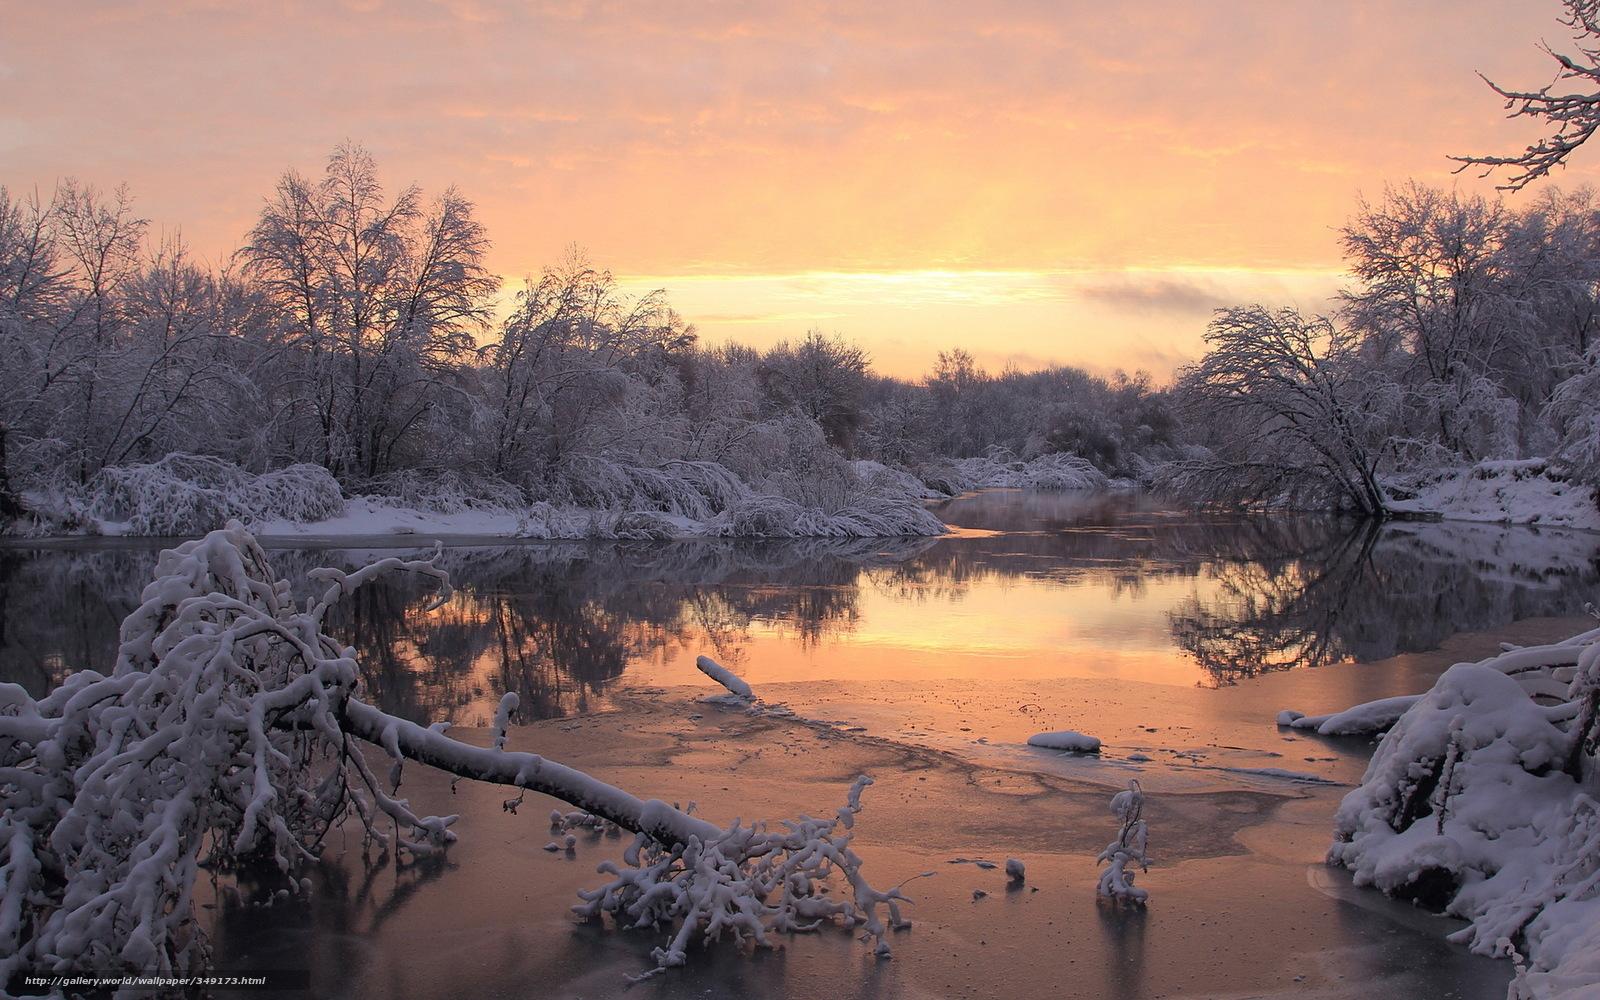 Scaricare gli sfondi inverno fiume neve sfondi gratis for Sfondi gratis desktop inverno